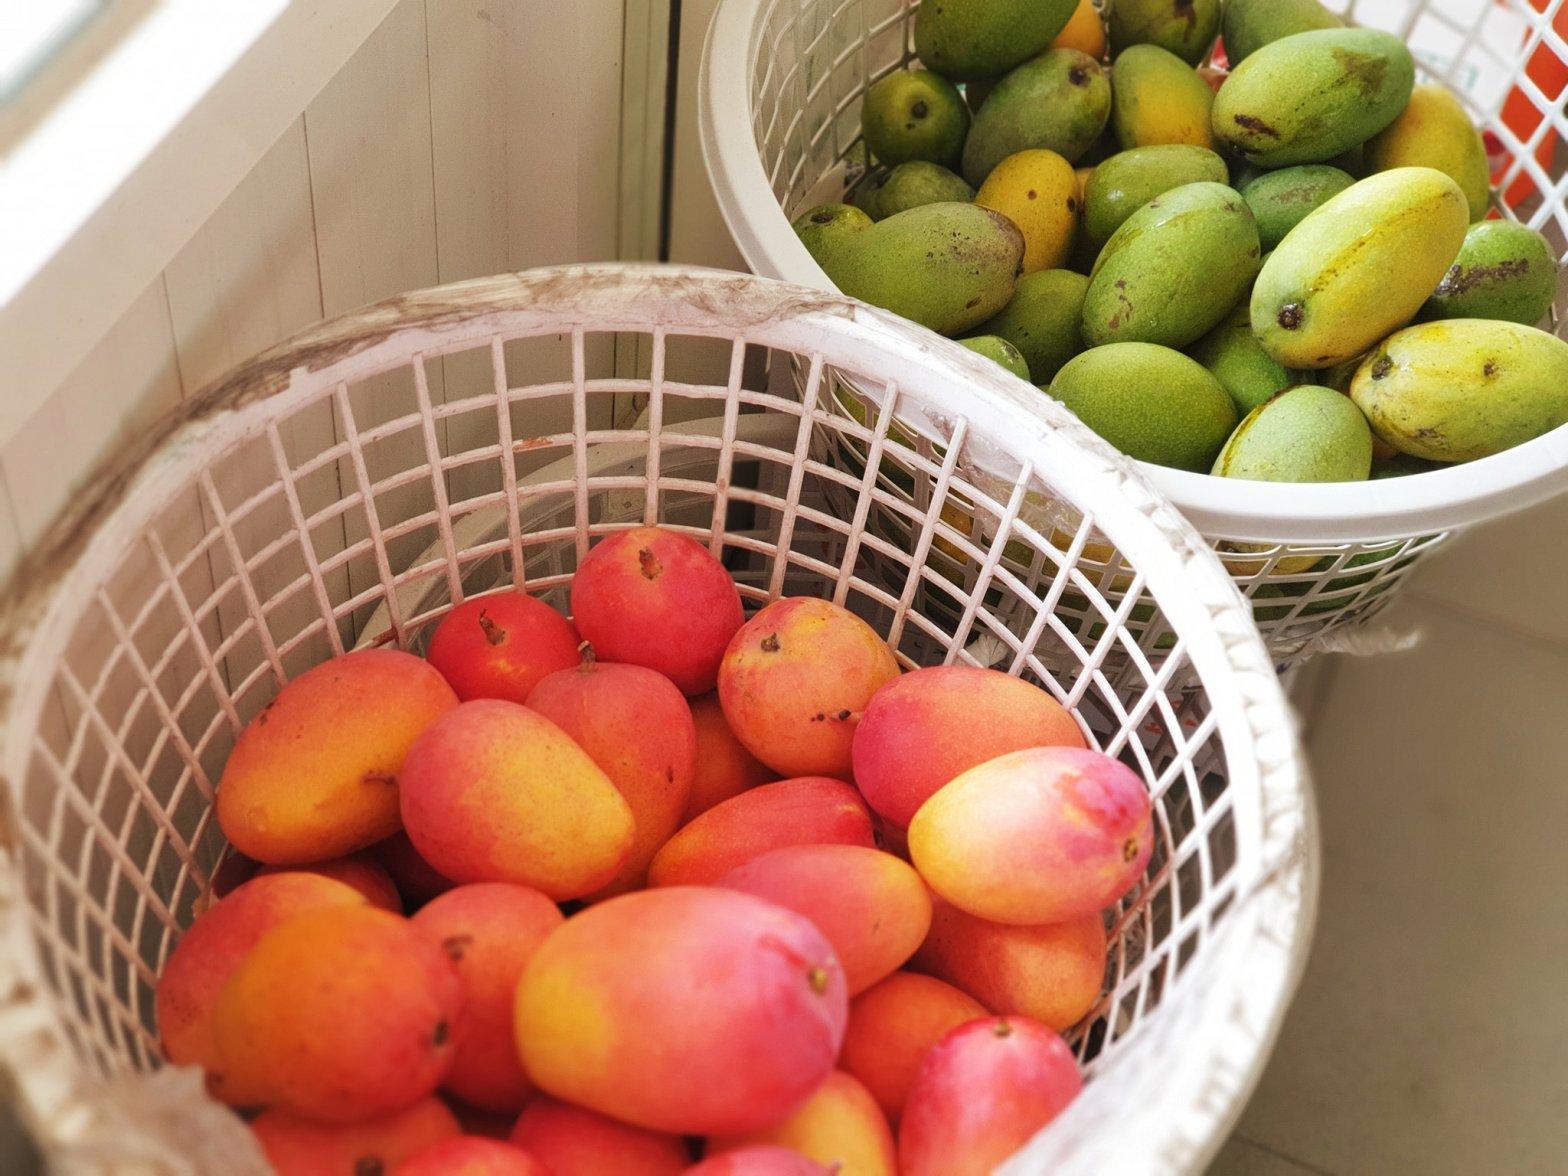 珍翠番石榴 珍翠芭樂 高雄2號 挽菓子 潘連進 高雄四號 蜜雪芒果 翡翠芒果 果實 種苗 水果